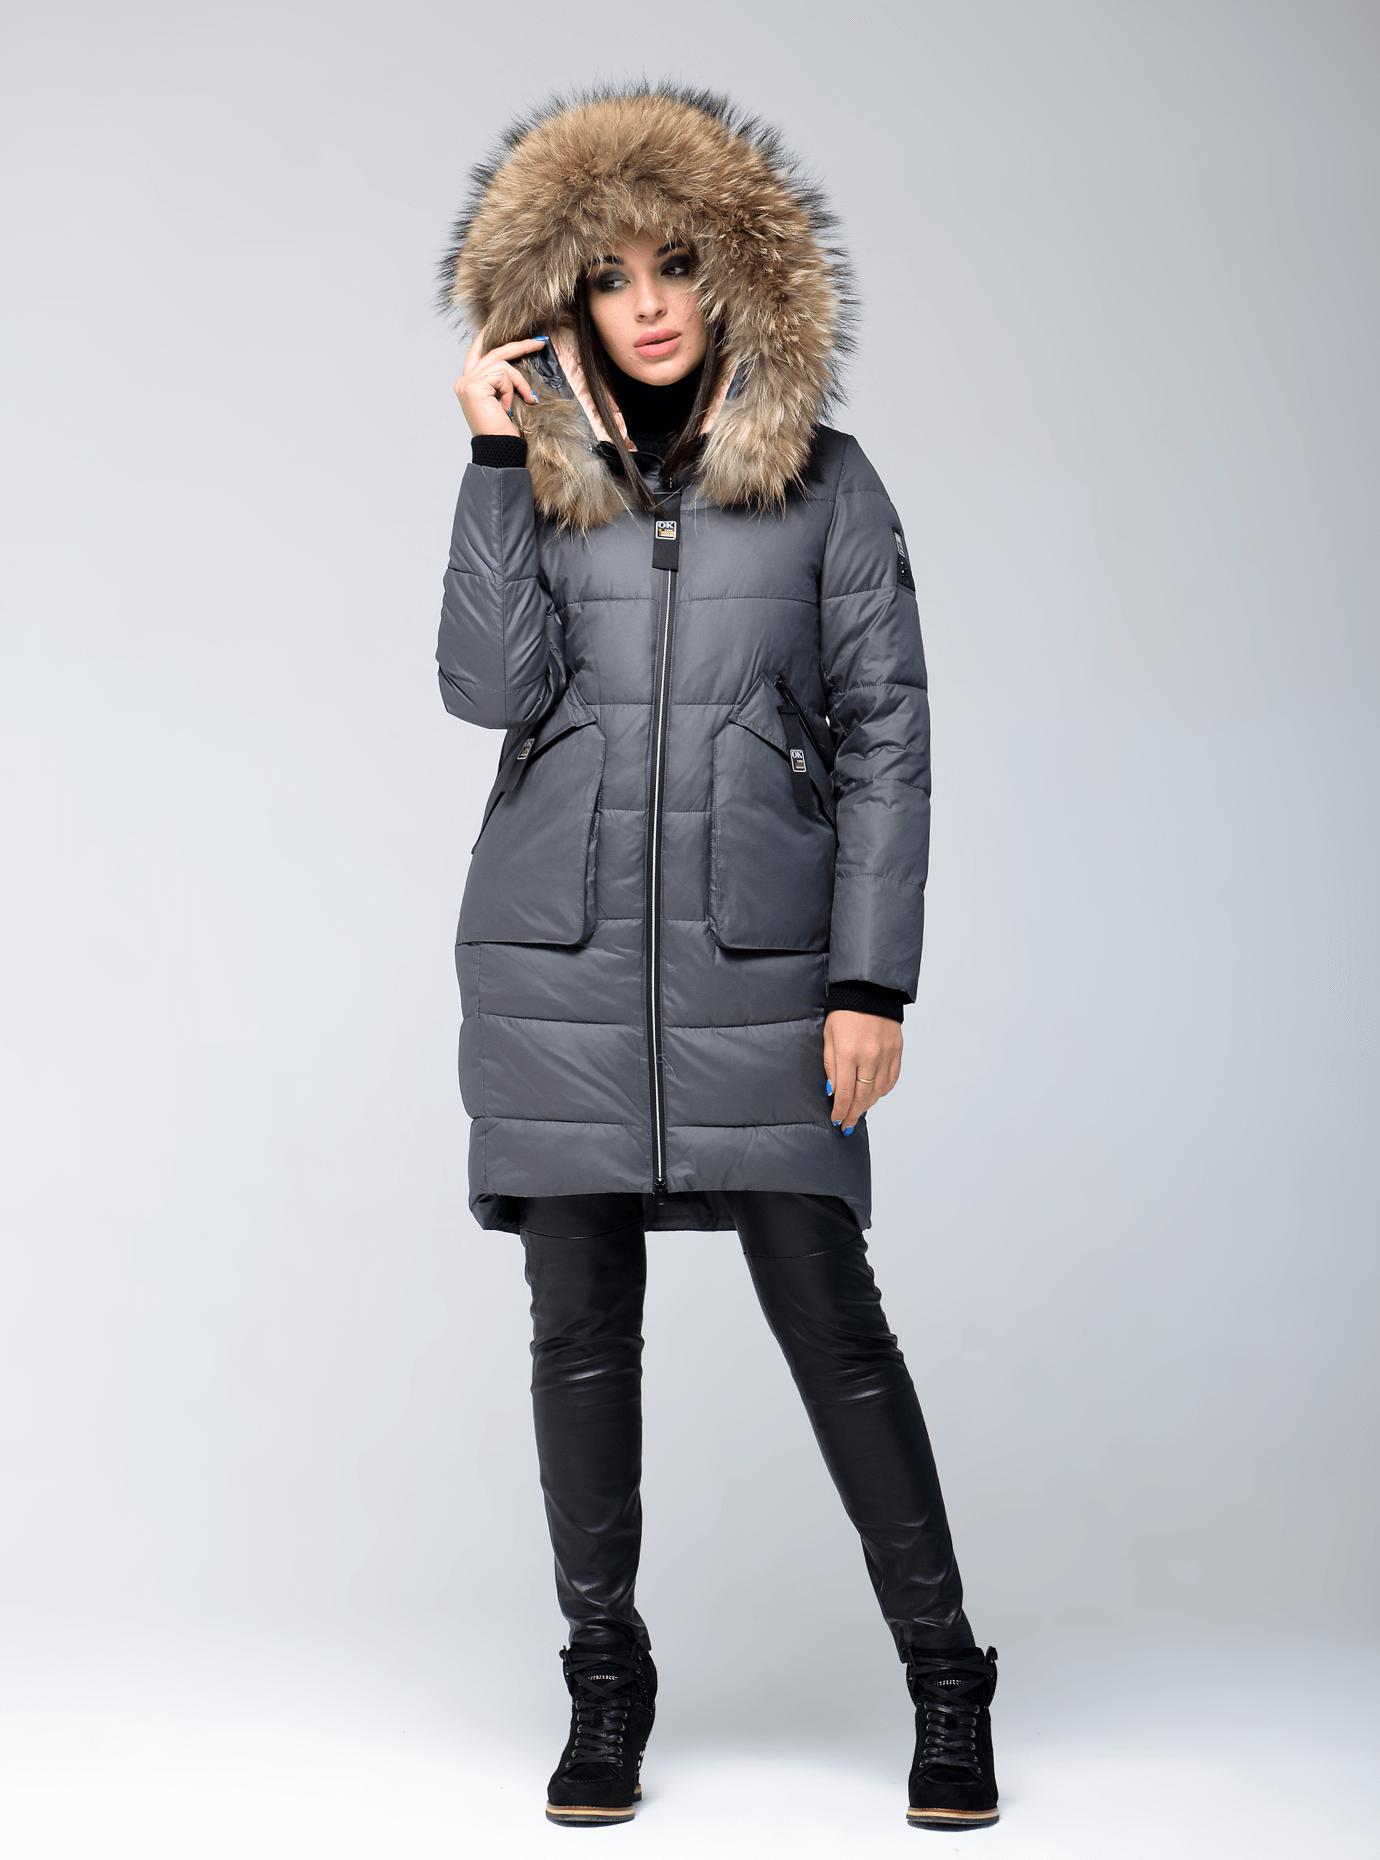 Куртка зимняя прямая с мехом енота Графитовый S (05-V191287): фото - Alster.ua